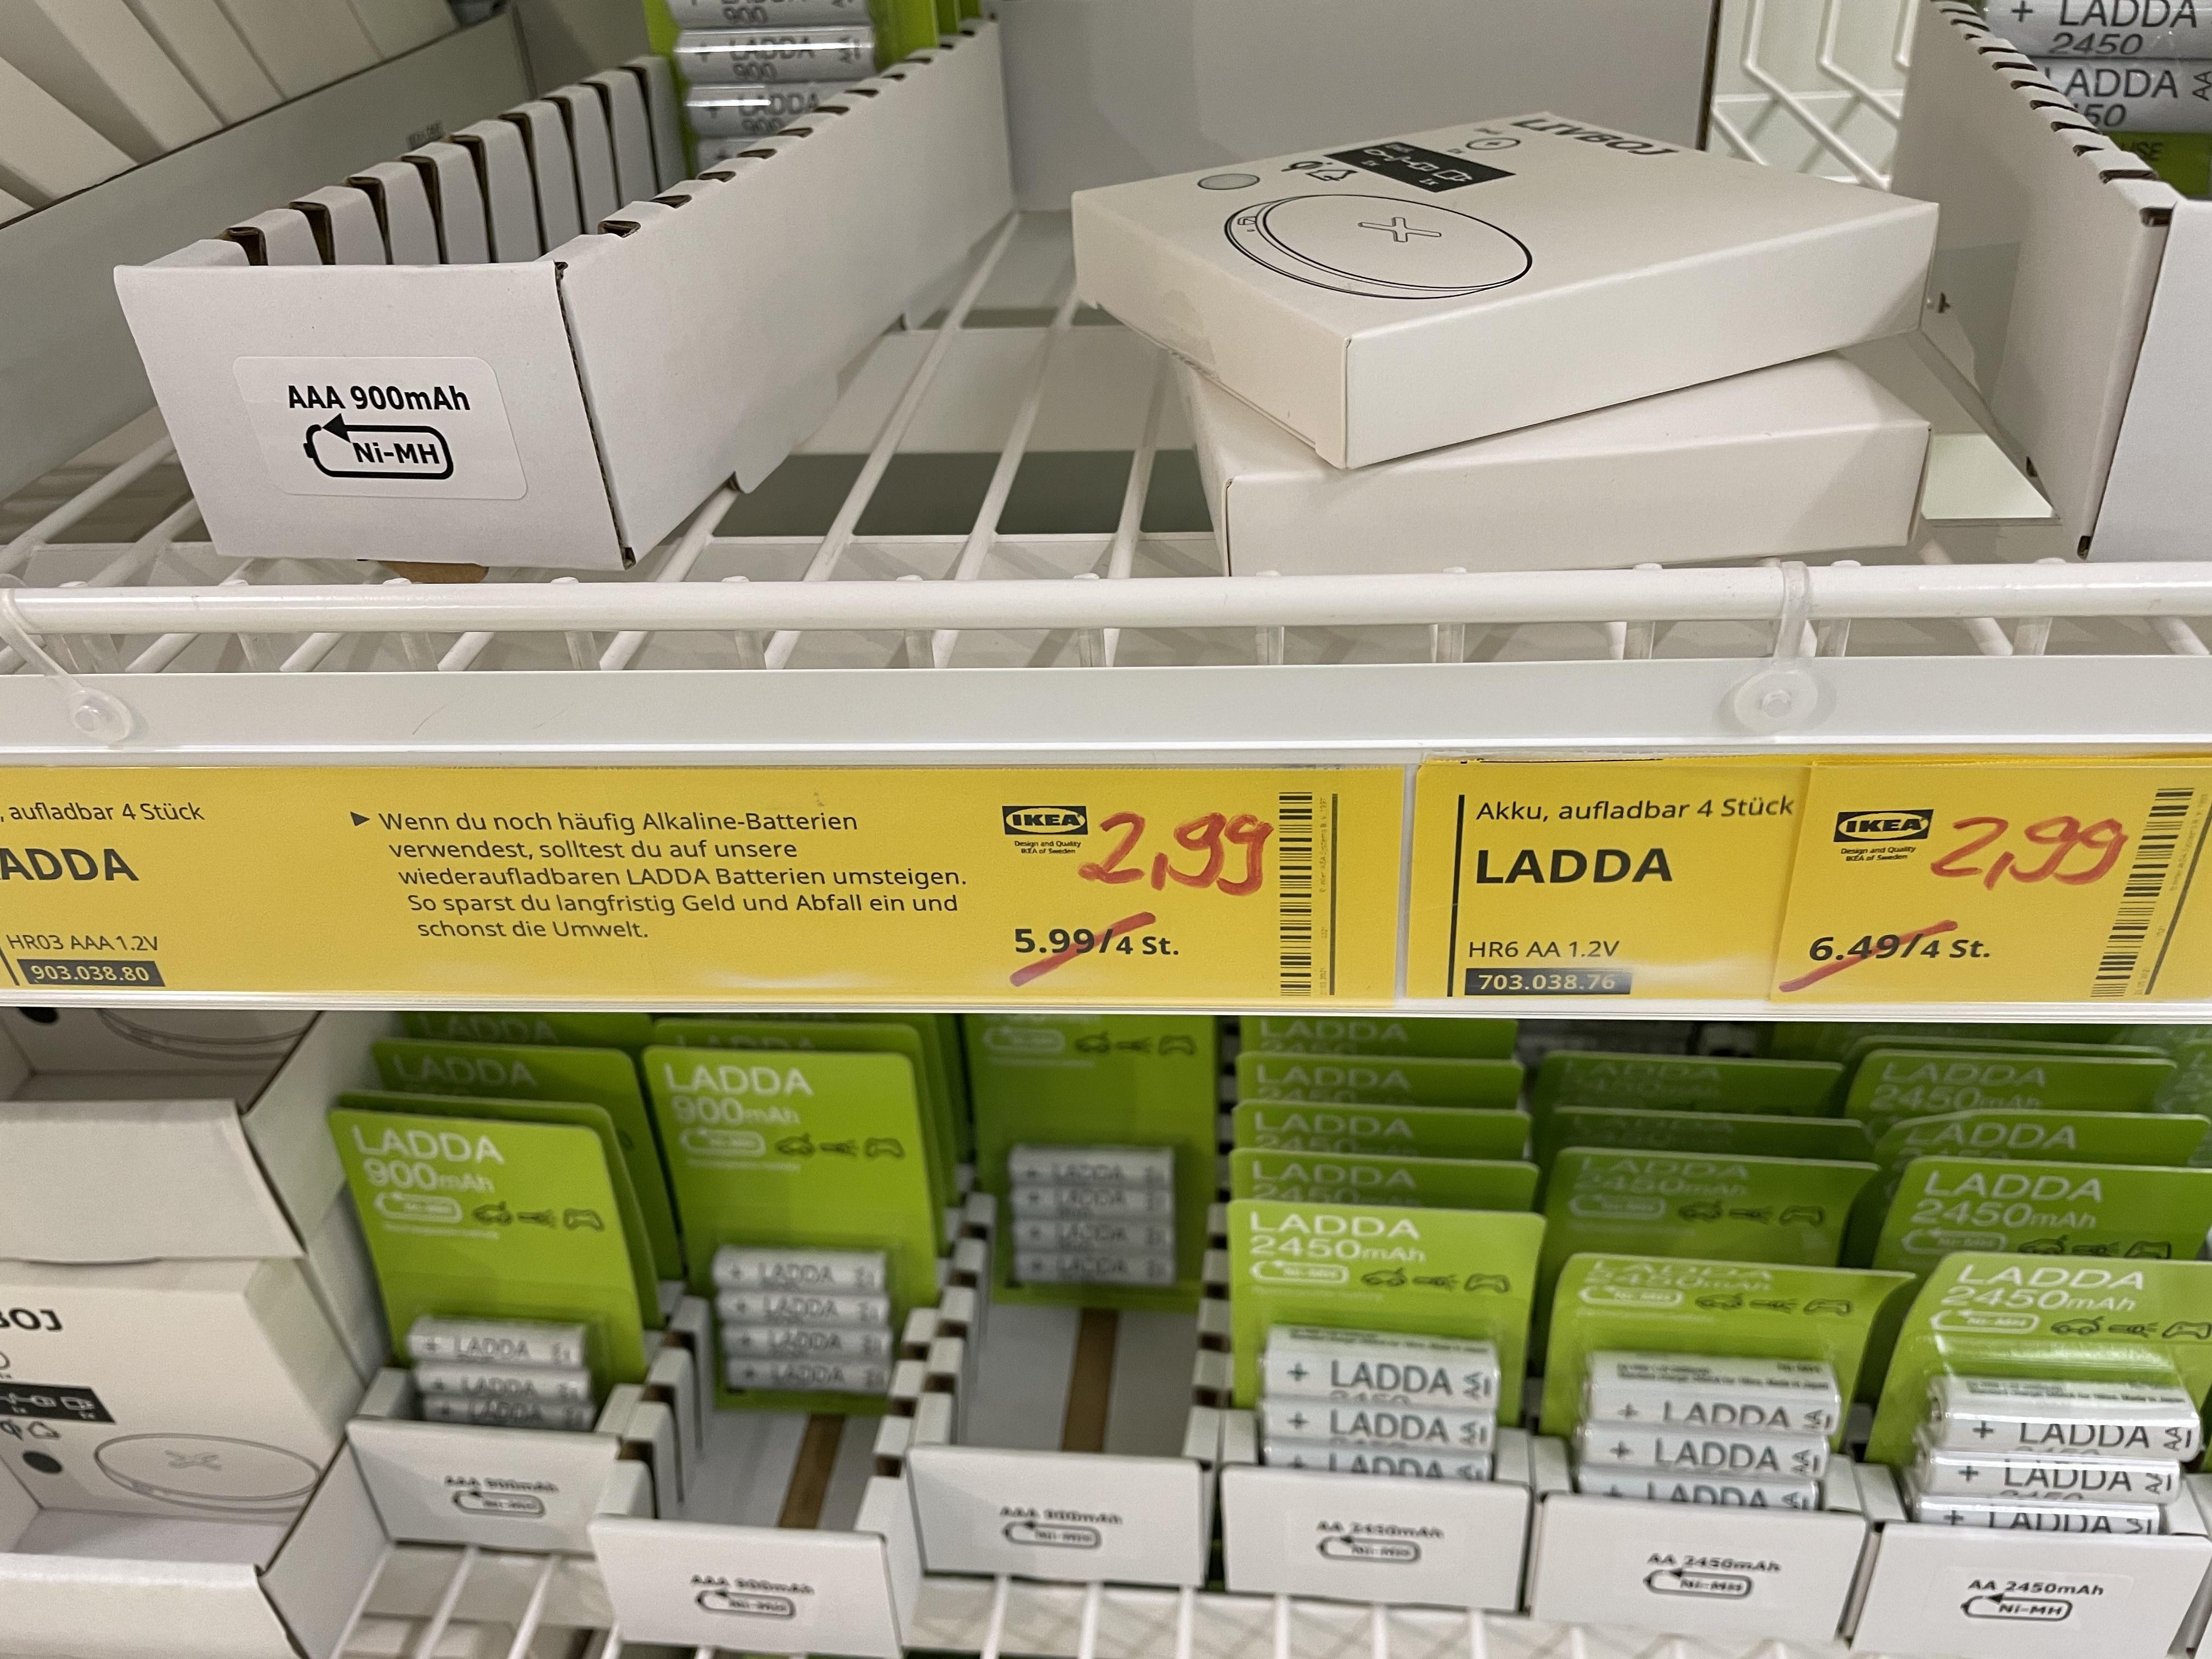 [IKEA Ulm] Ikea Ladda AA und AAA im Angebot